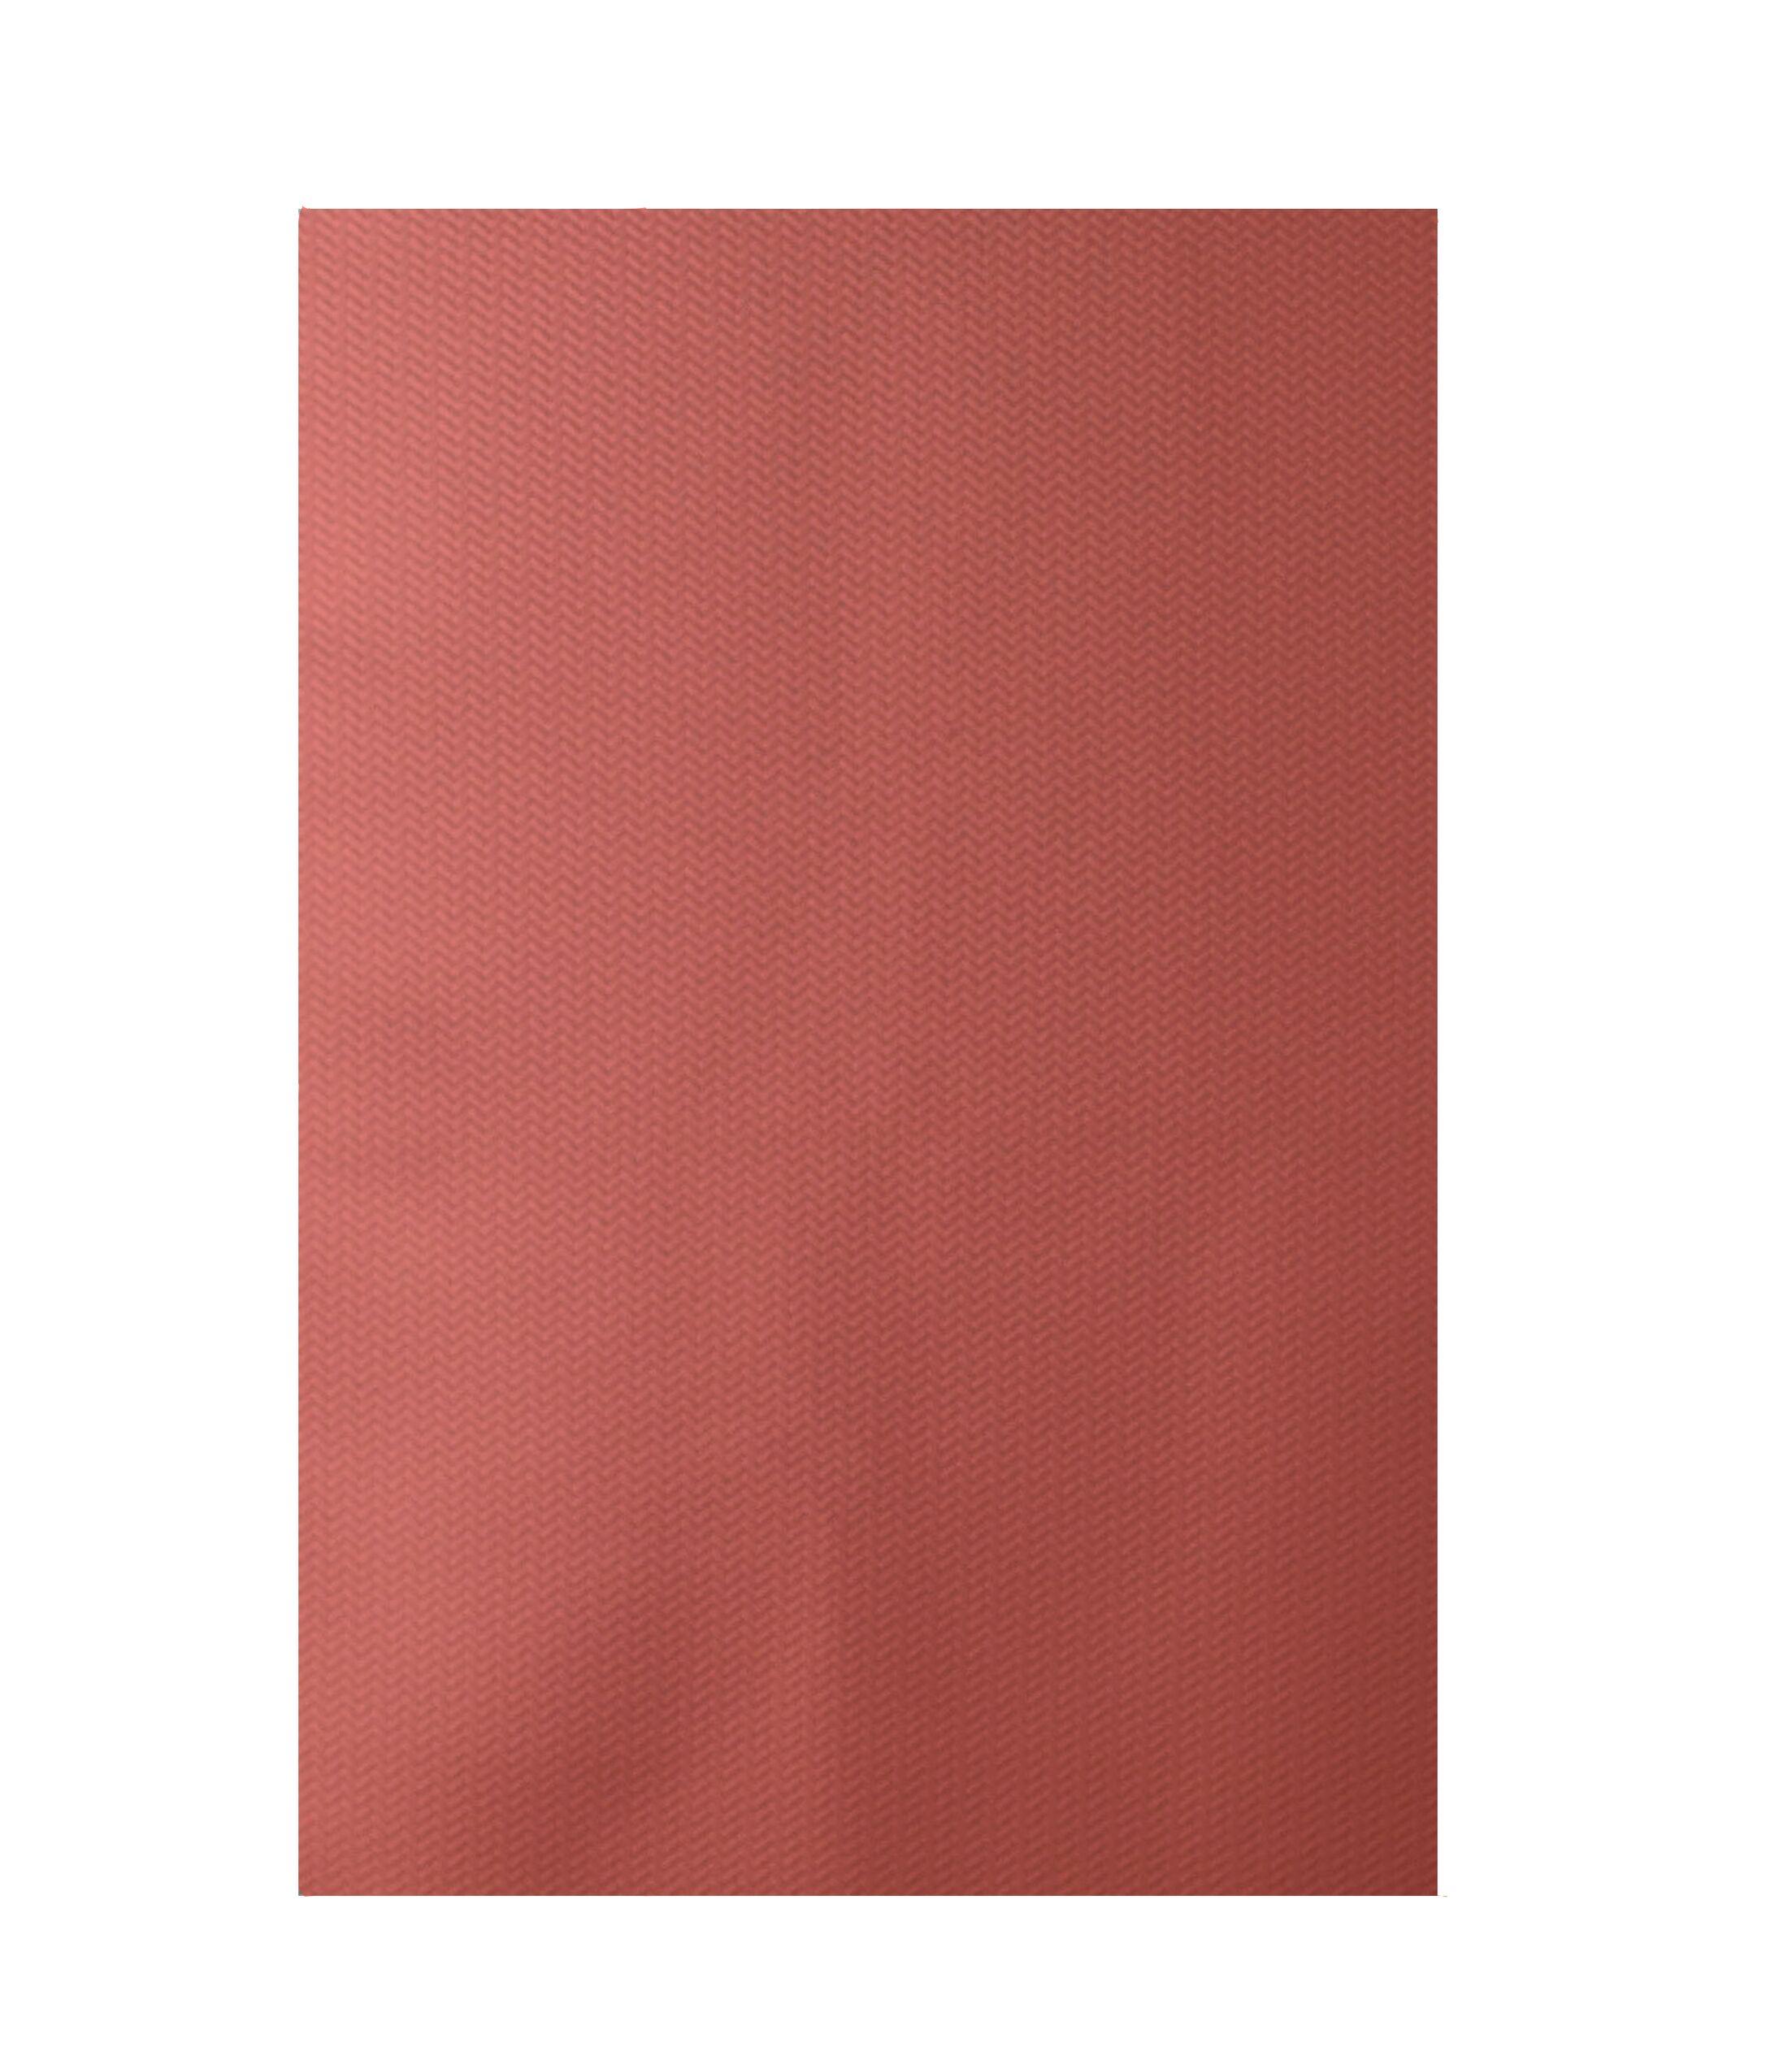 Solid Orange Indoor/Outdoor Area Rug Rug Size: Rectangle 3' x 5'